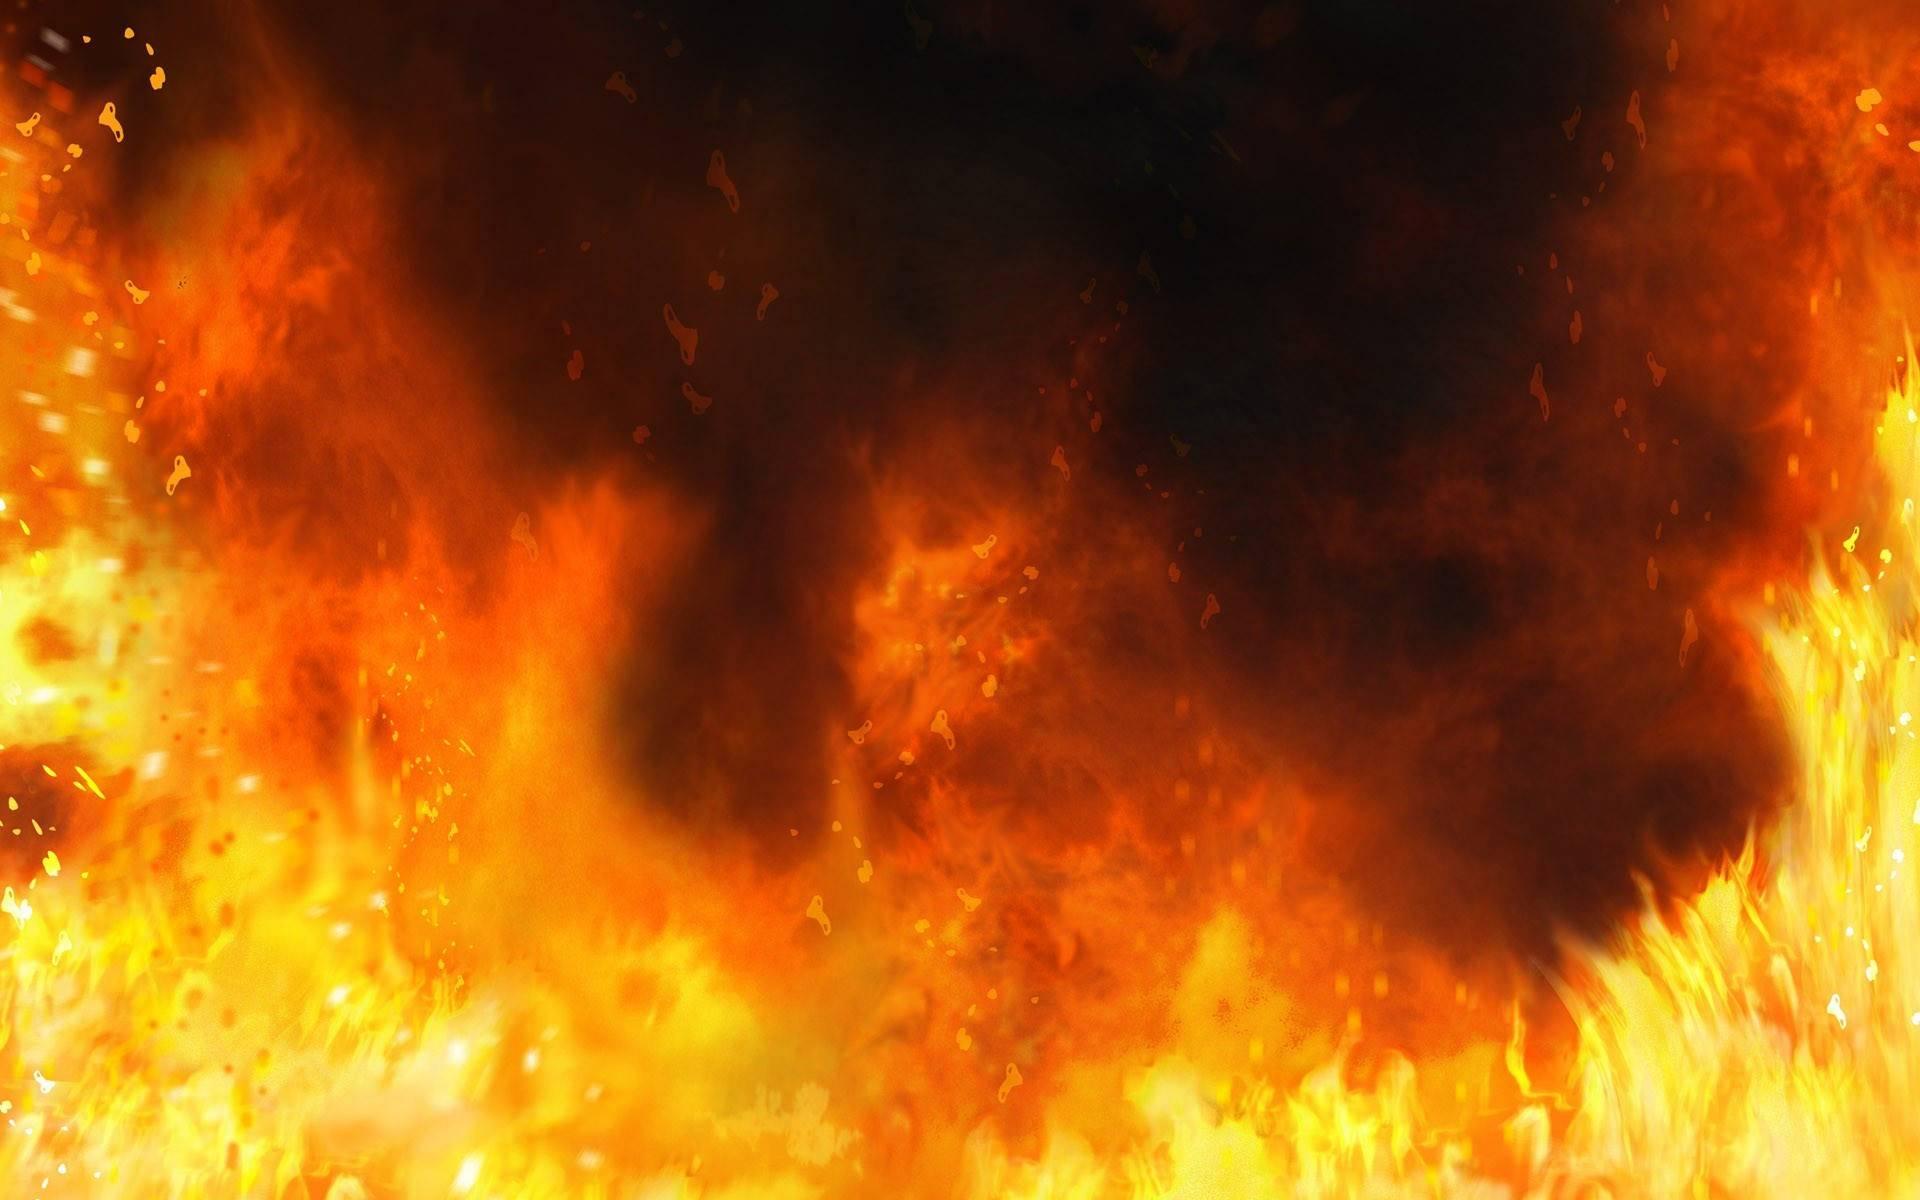 Fire Wallpaper 3d